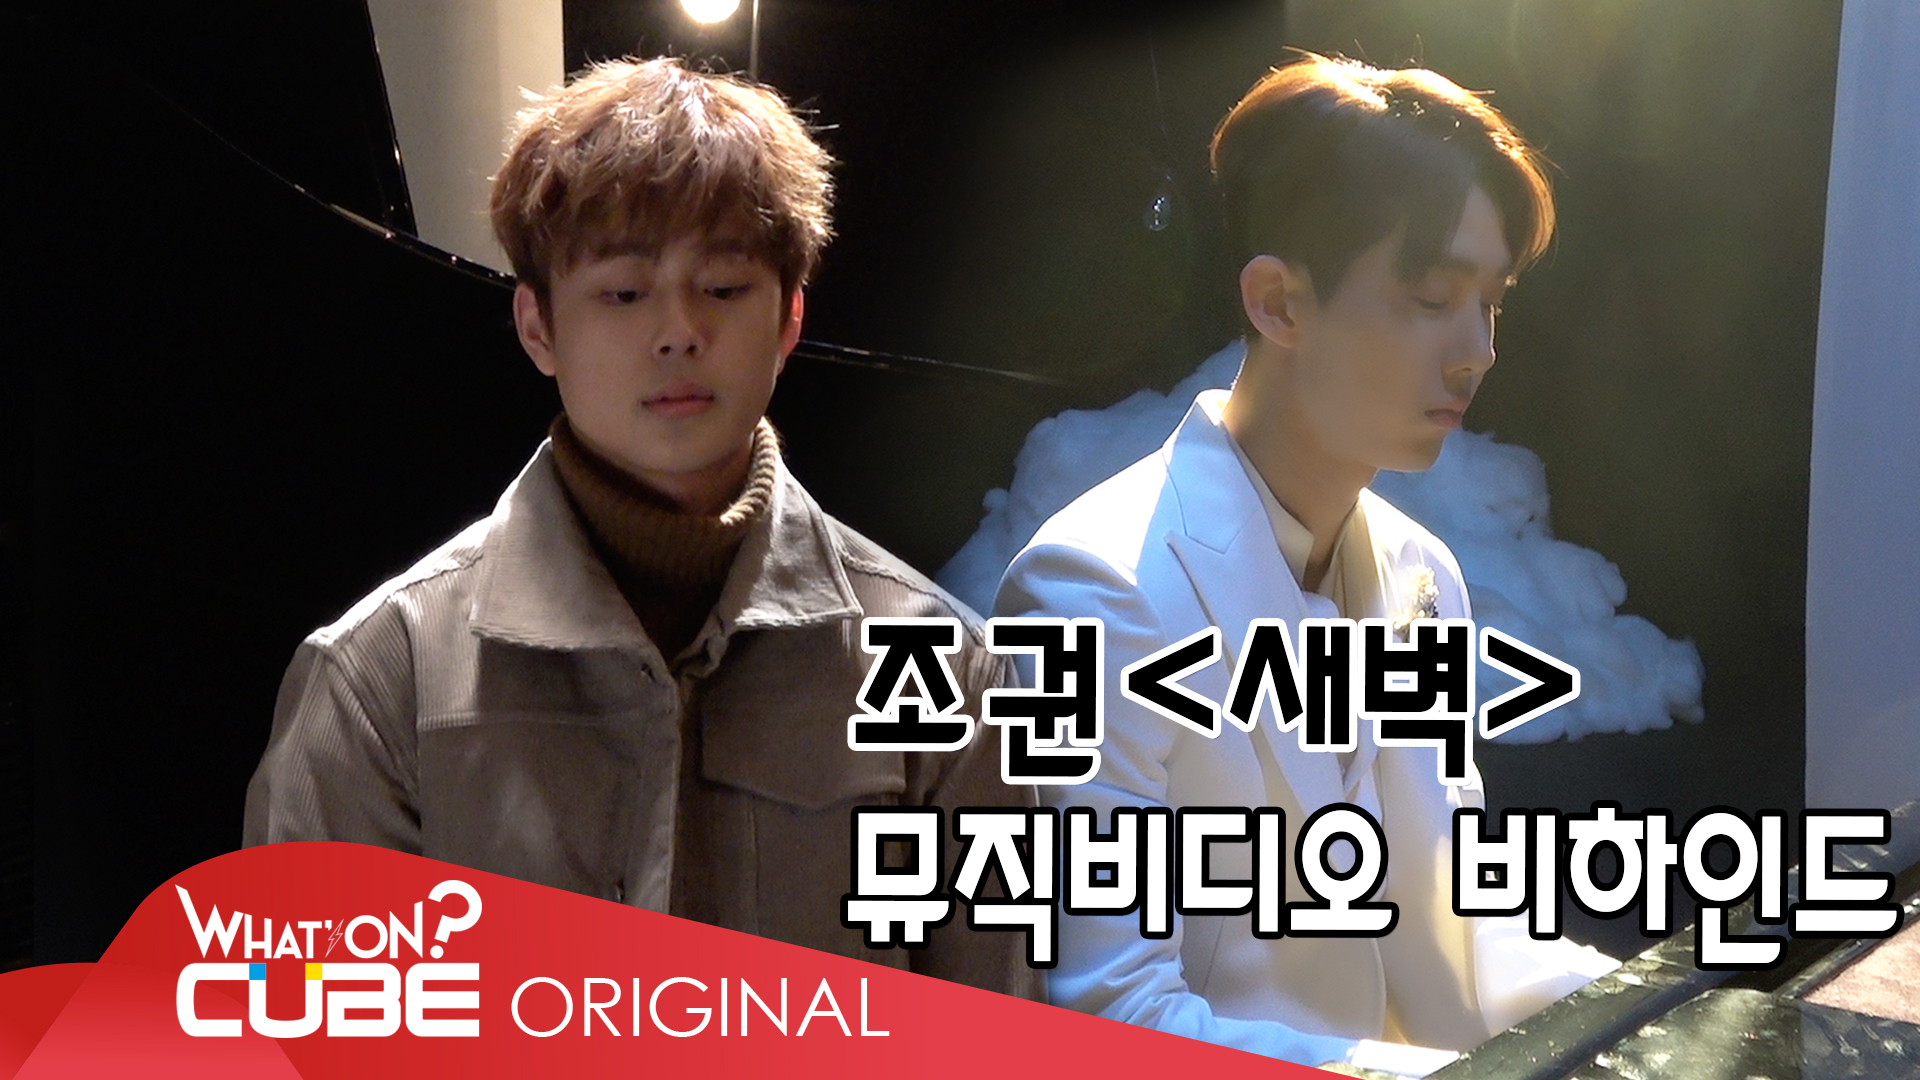 조권 - '새벽' M/V 촬영 현장 비하인드